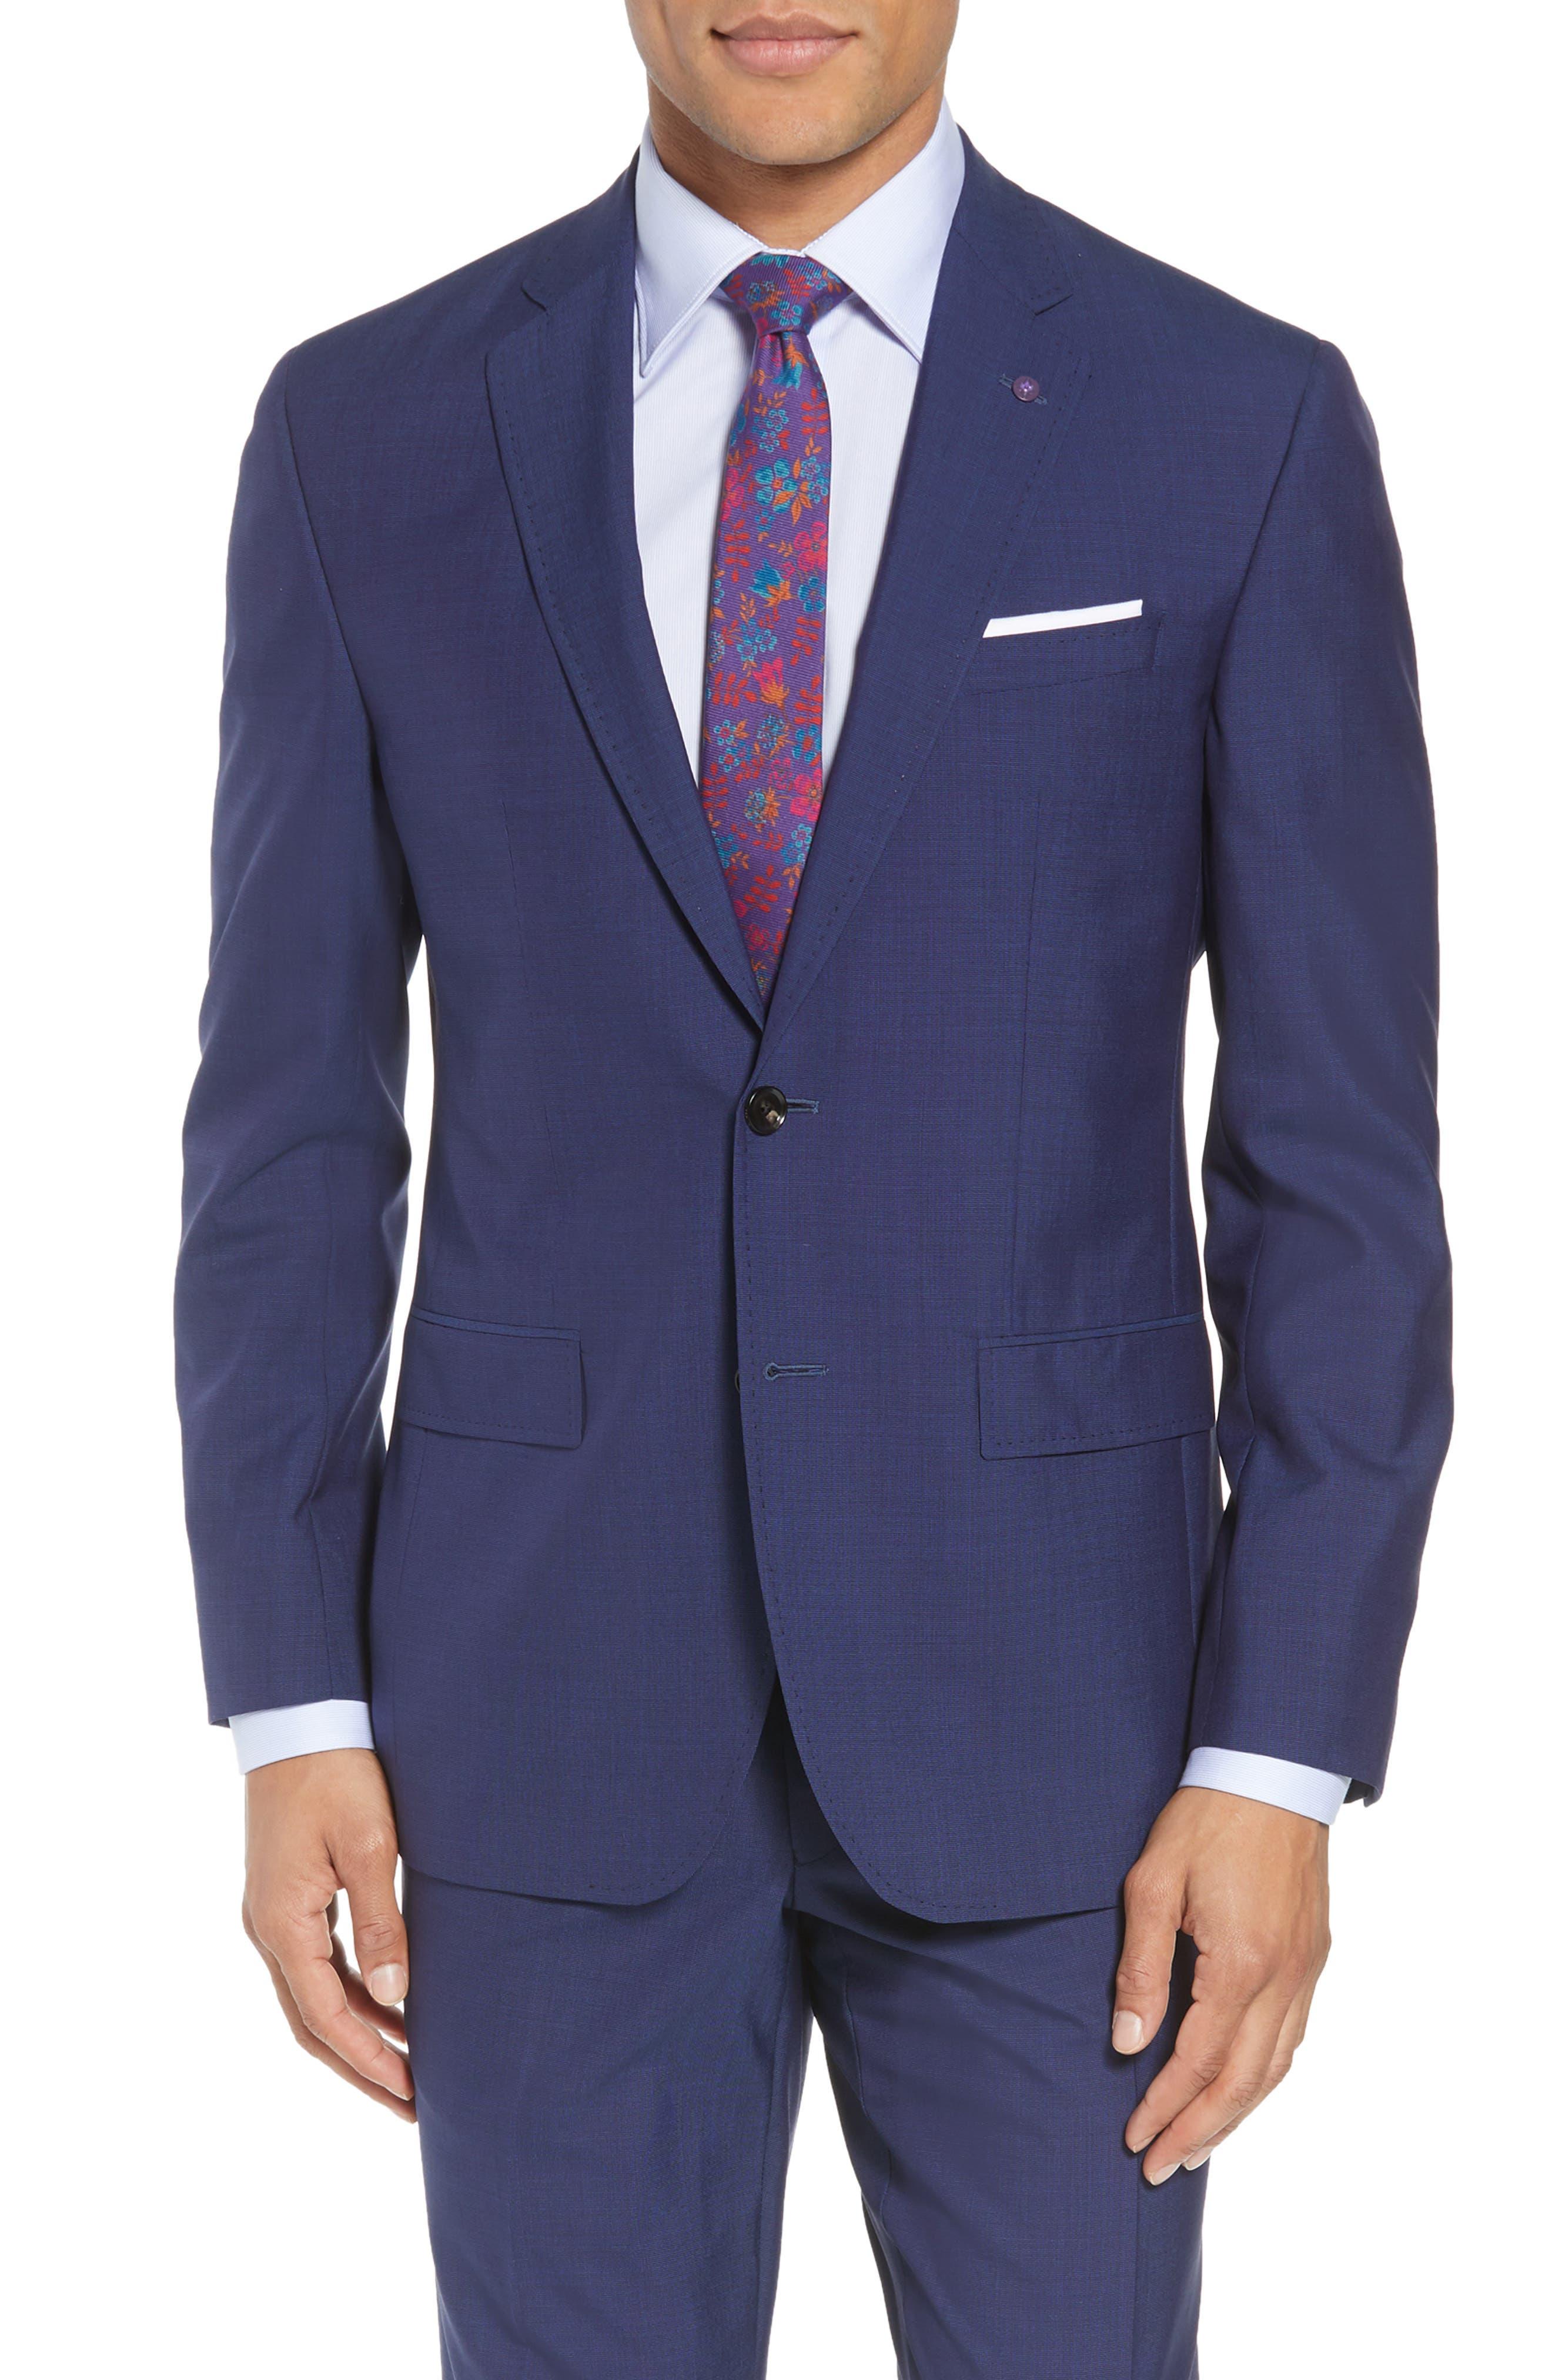 TED BAKER LONDON, Jay Trim Fit Suit, Alternate thumbnail 5, color, BLUE